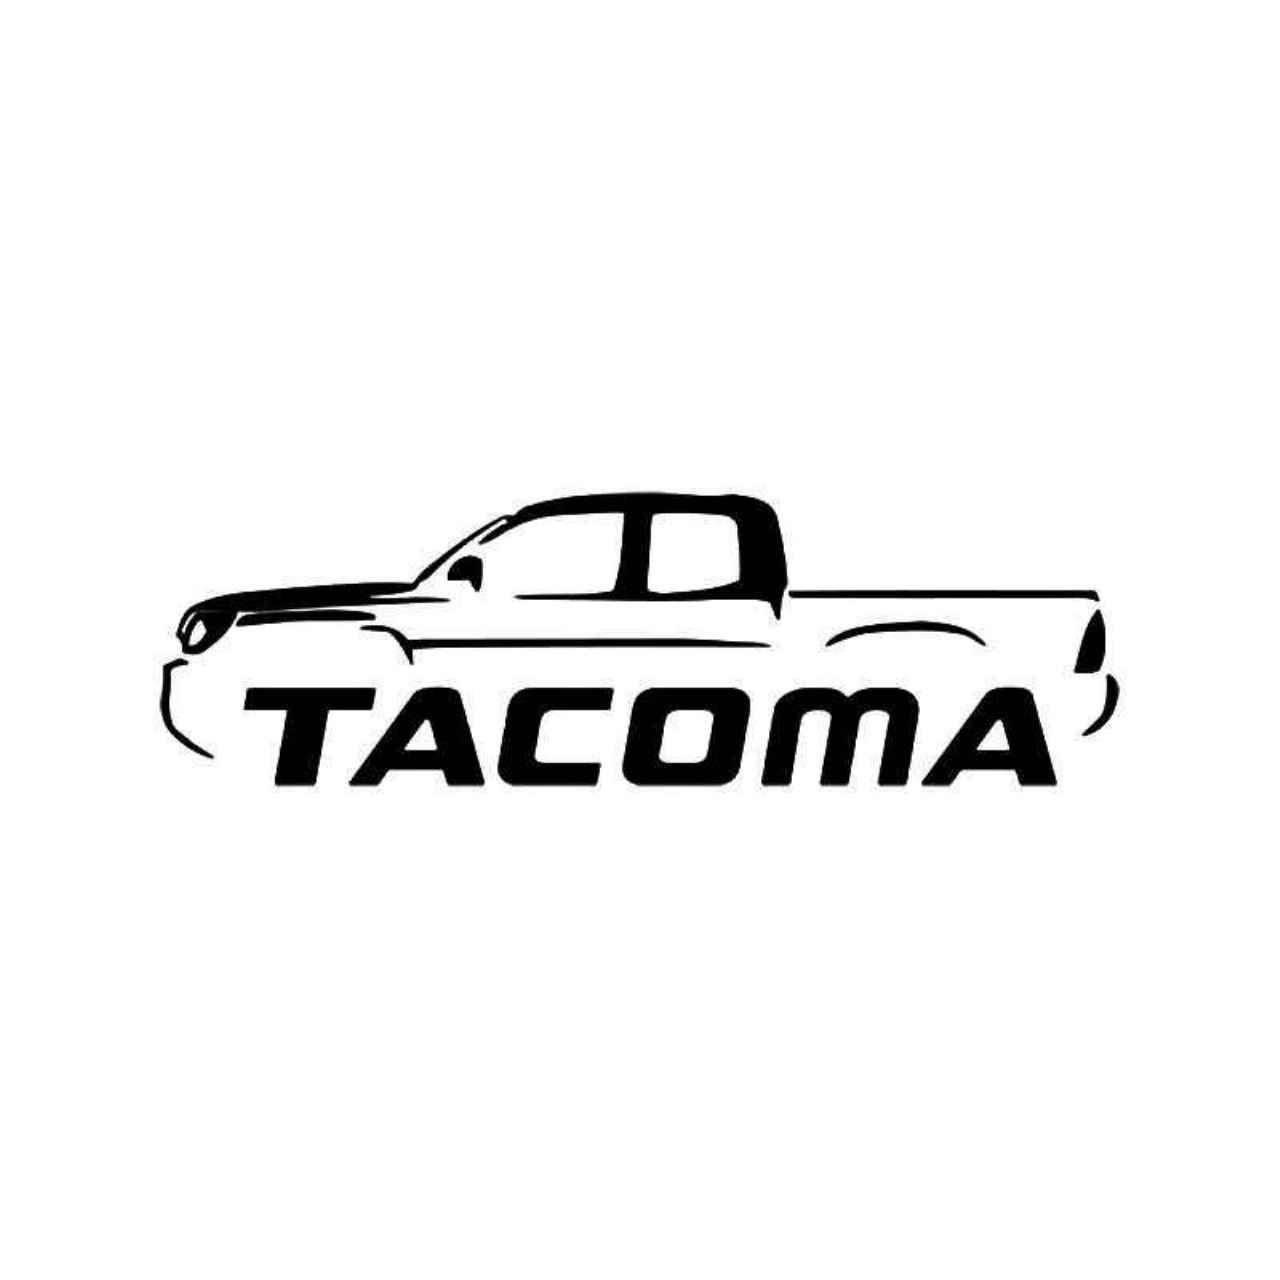 Tacoma Toyota Truck Vinyl Decal Sticker Ballzbeatz Com